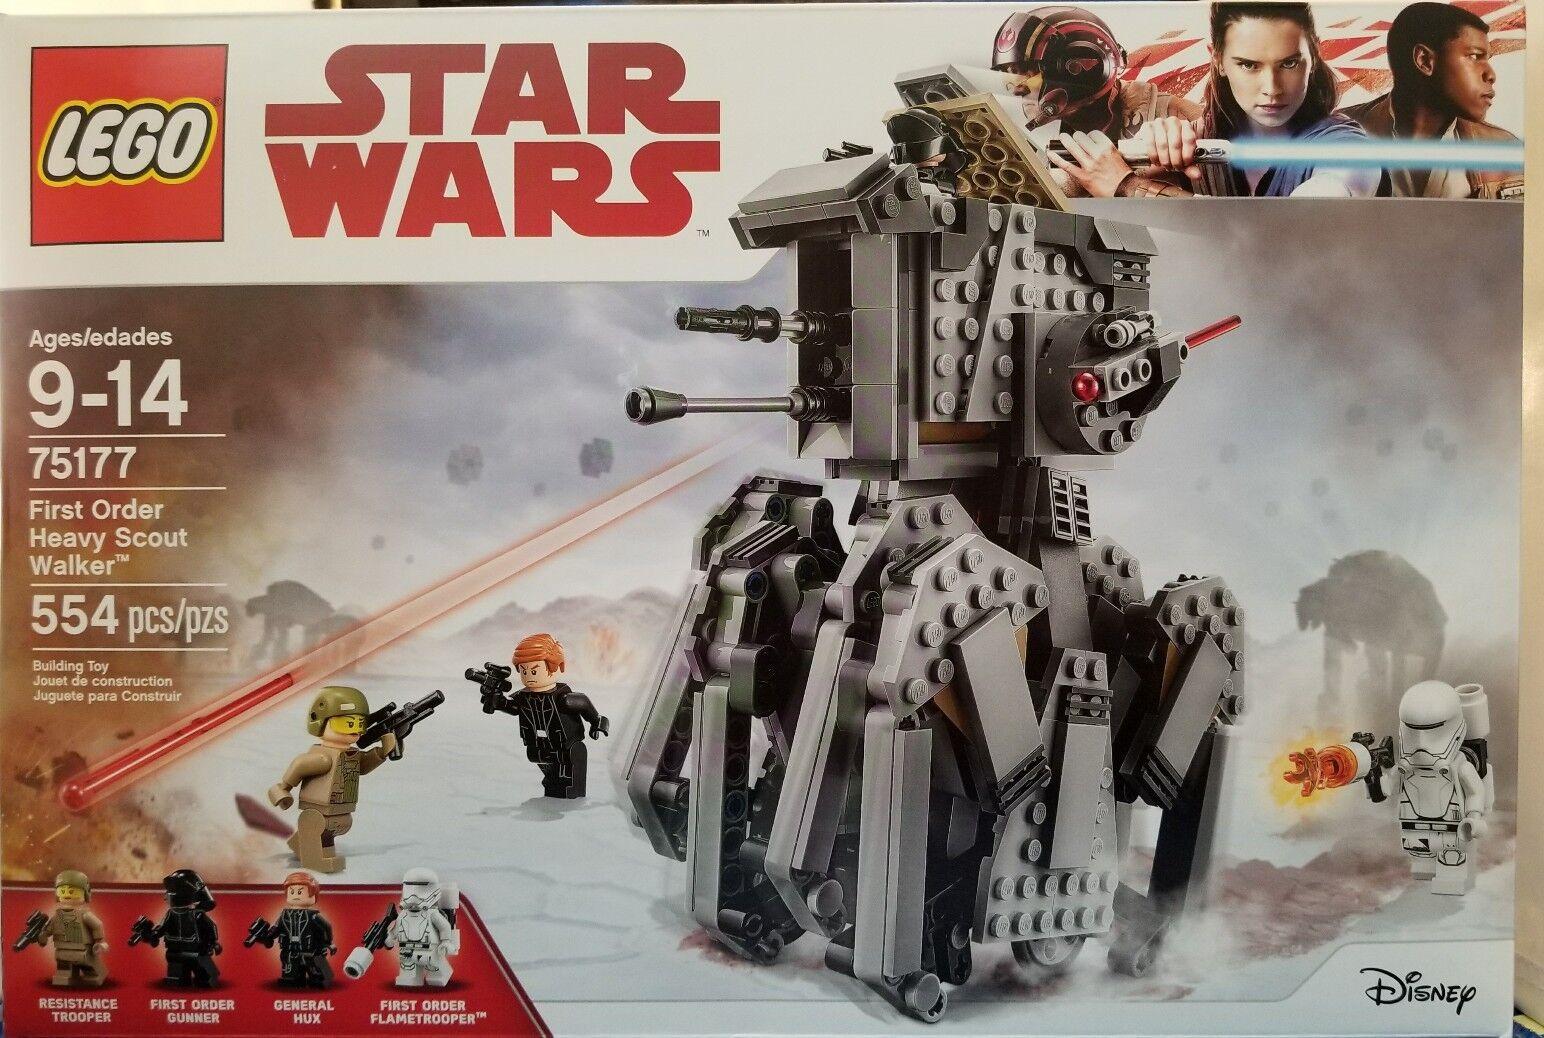 LEGO Star Wars First Order Heavy Scout Walker 2017 (75177)